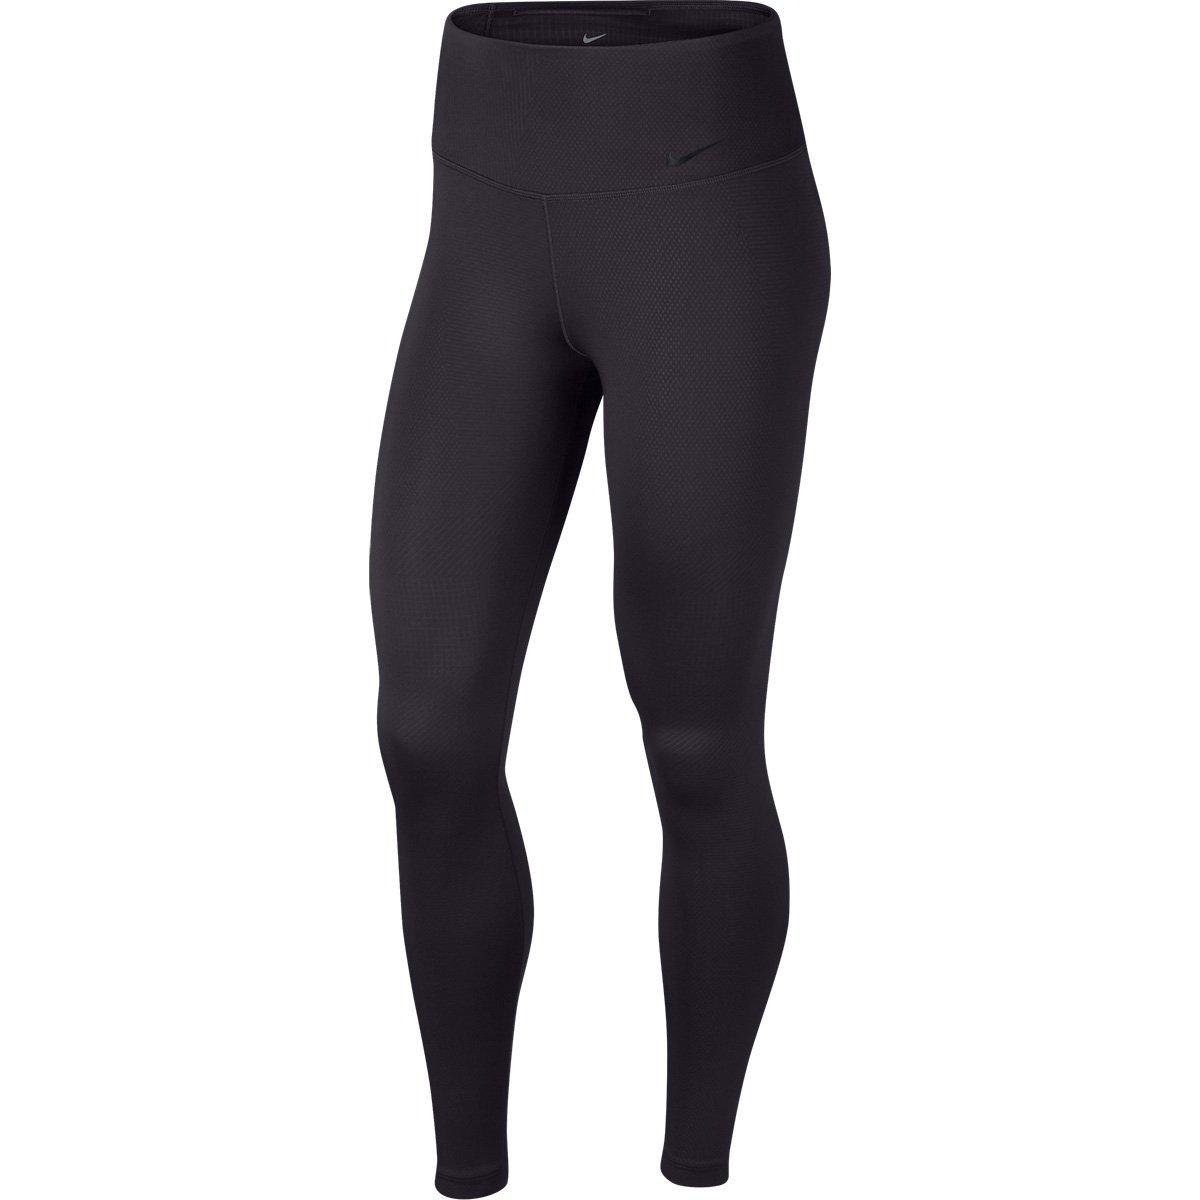 d035887d16c7f Calça Legging Nike Pwr Tght Studo Gd Vnr 7 8 Feminina - Preto - Compre  Agora